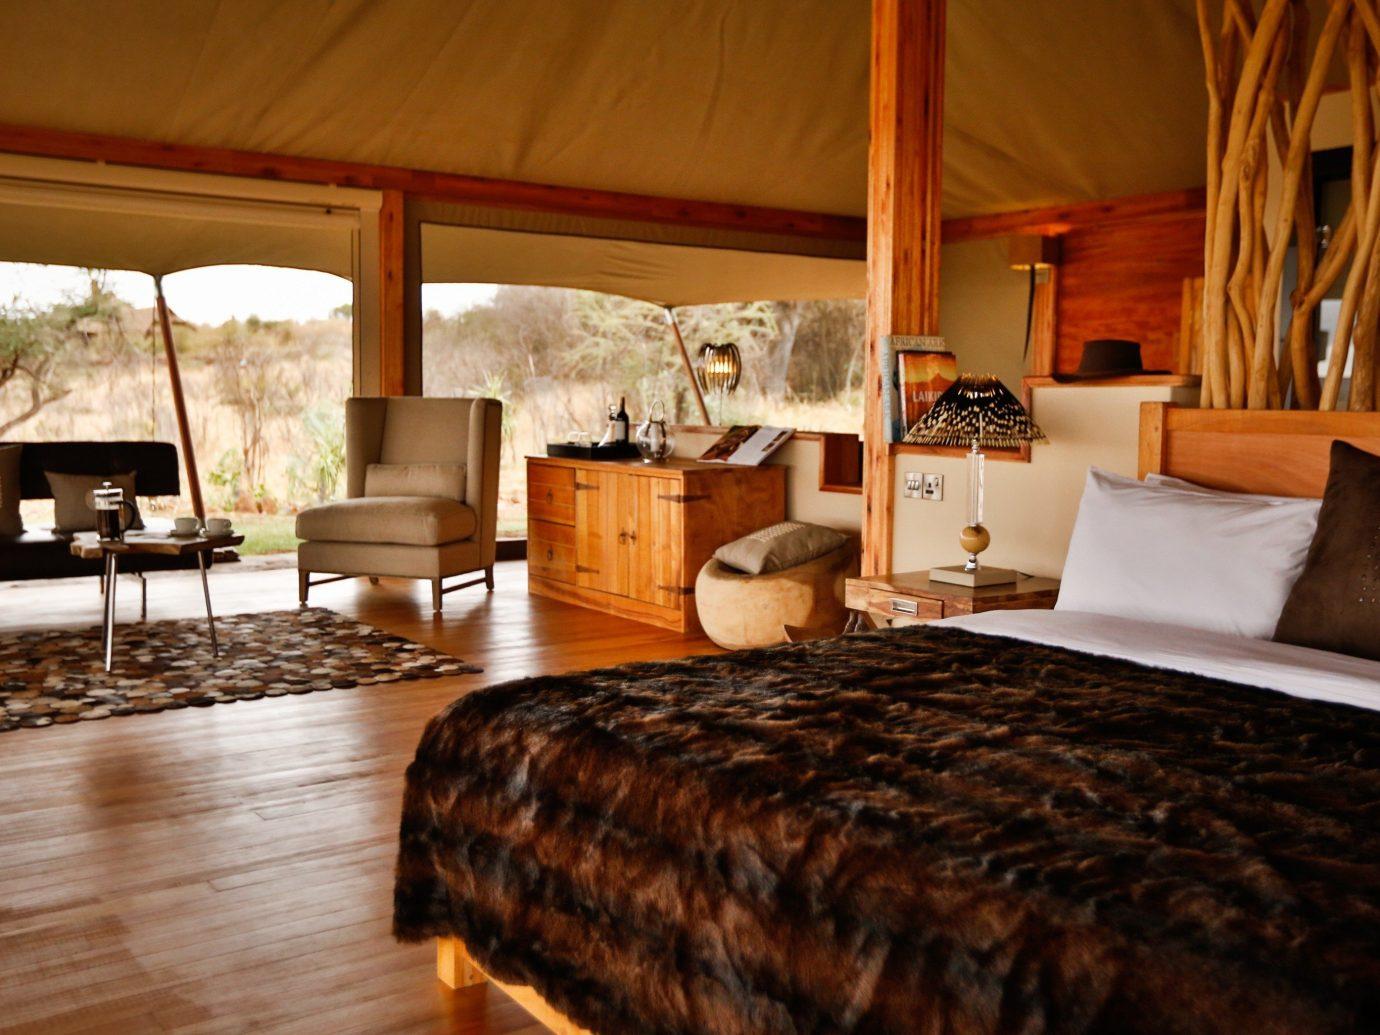 Hotels indoor floor room property Bedroom estate cottage home hardwood Suite interior design farmhouse real estate wood wood flooring Villa Resort furniture